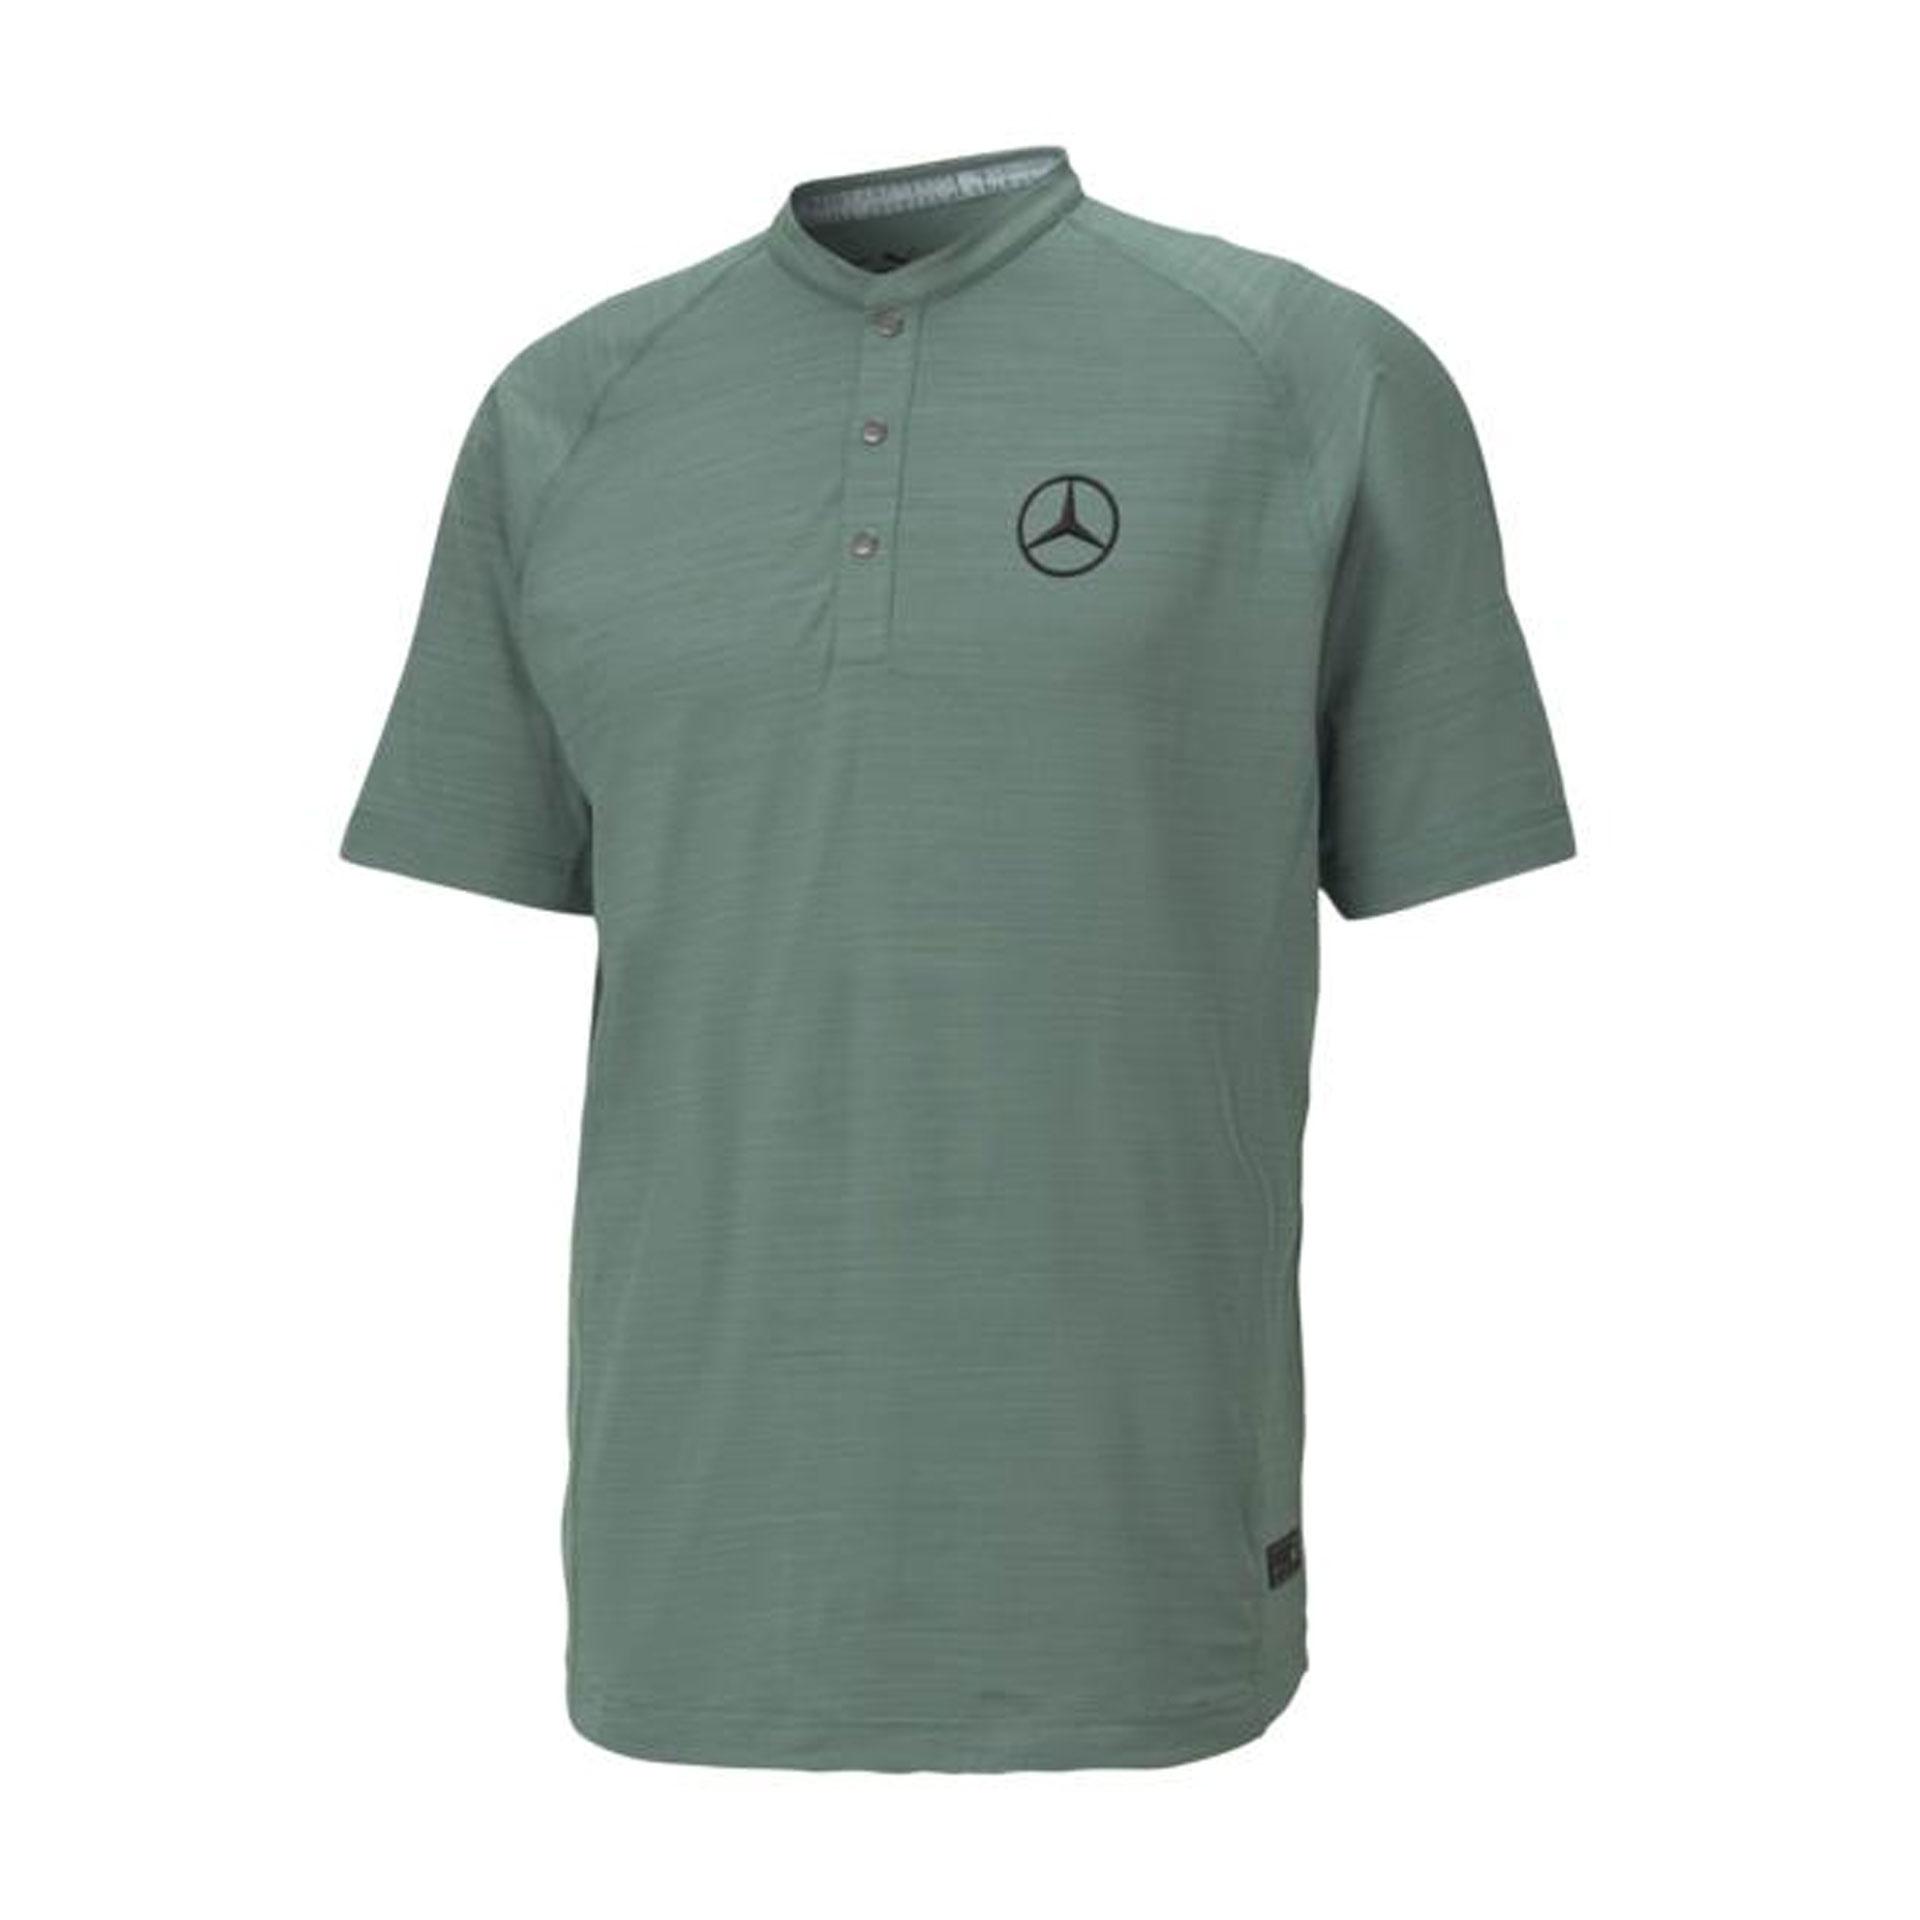 Mercedes-Benz Golf-Poloshirt Herren grün by PUMA Poloshirt